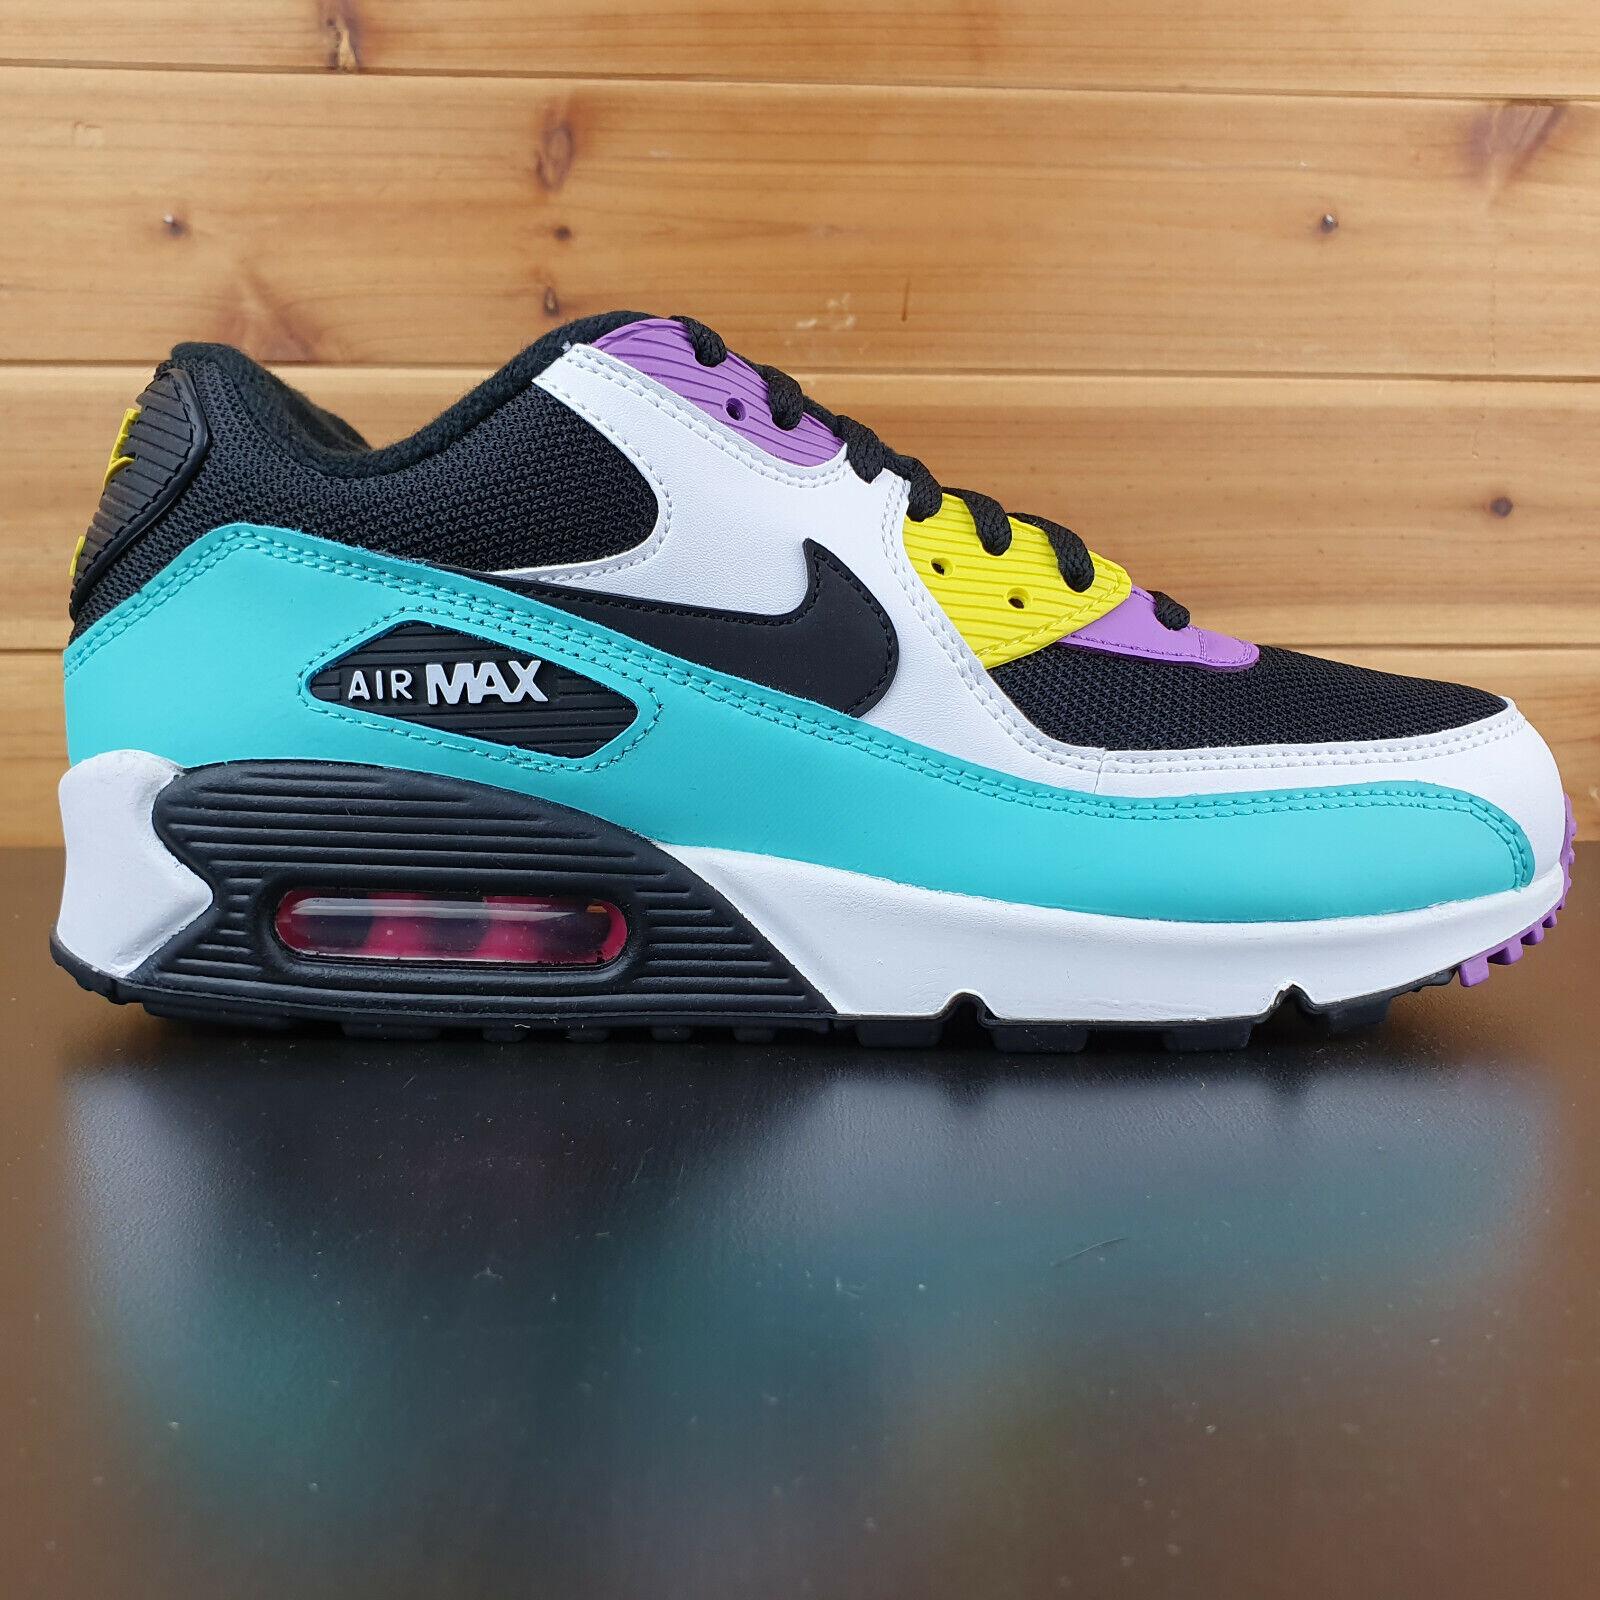 Nike Air Max 90 Essential Black White Bright Violet Shoes AJ1285 024 Men's